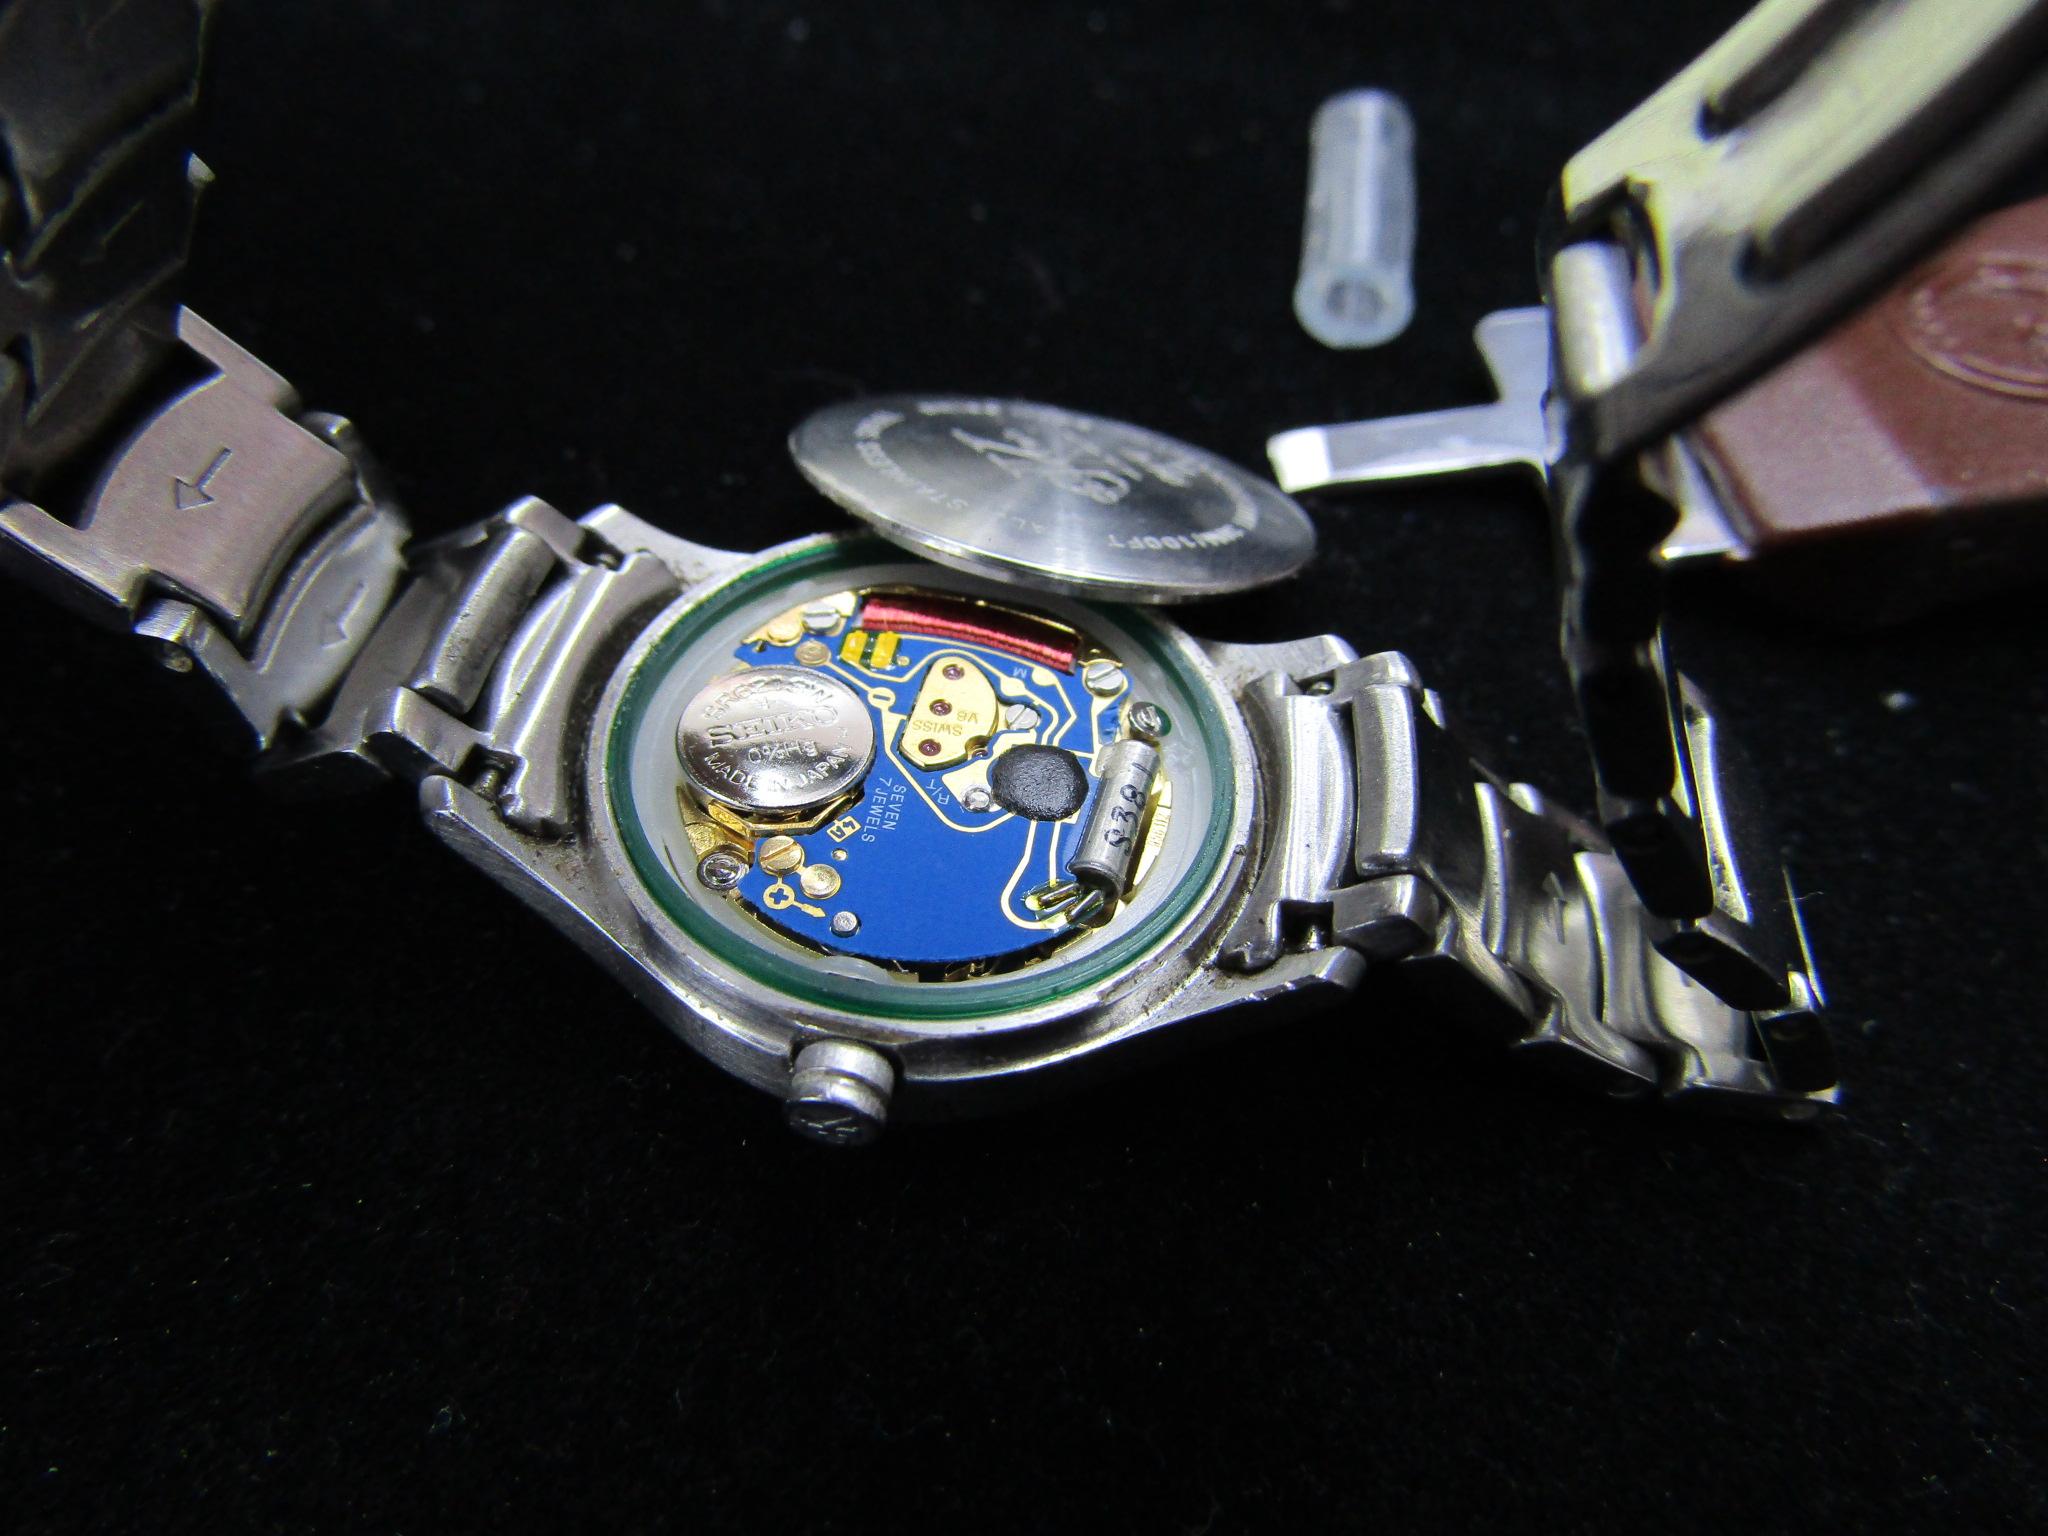 東大和 電池交換500円~ 時計オーバーホール ベルト調整 時計の洗浄 時計の事ならゴールドステーション東大和